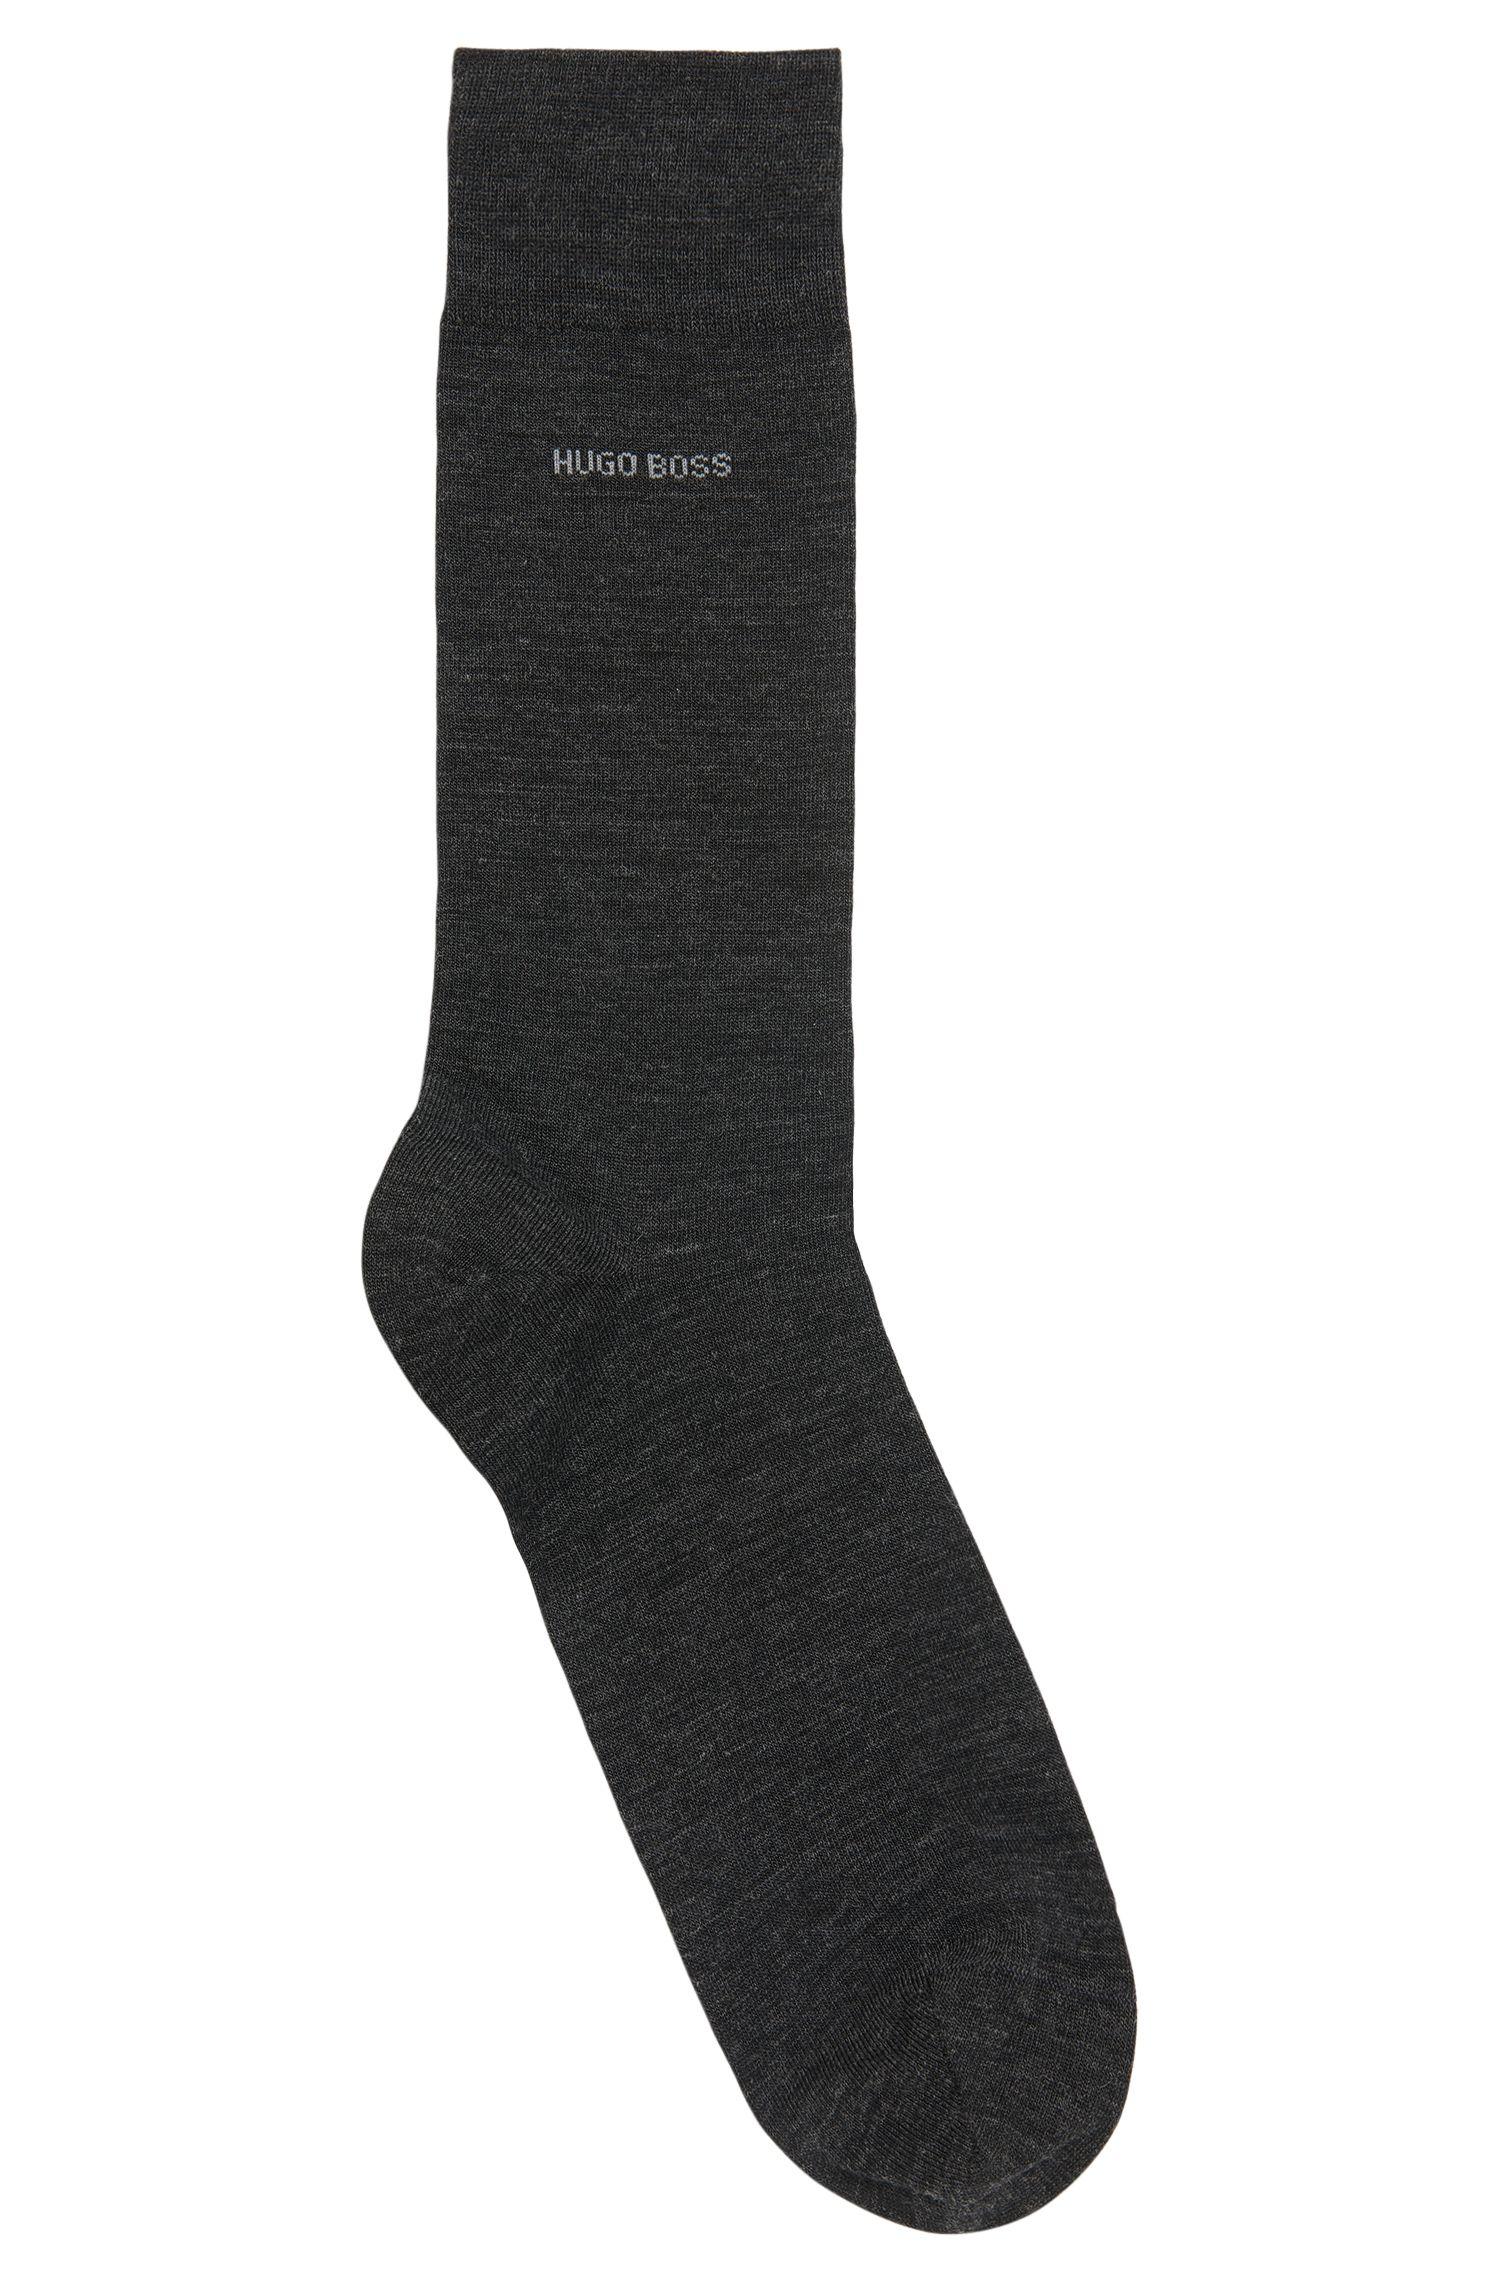 Socken aus Merinowoll-Mix mit Baumwolle und Elasthan